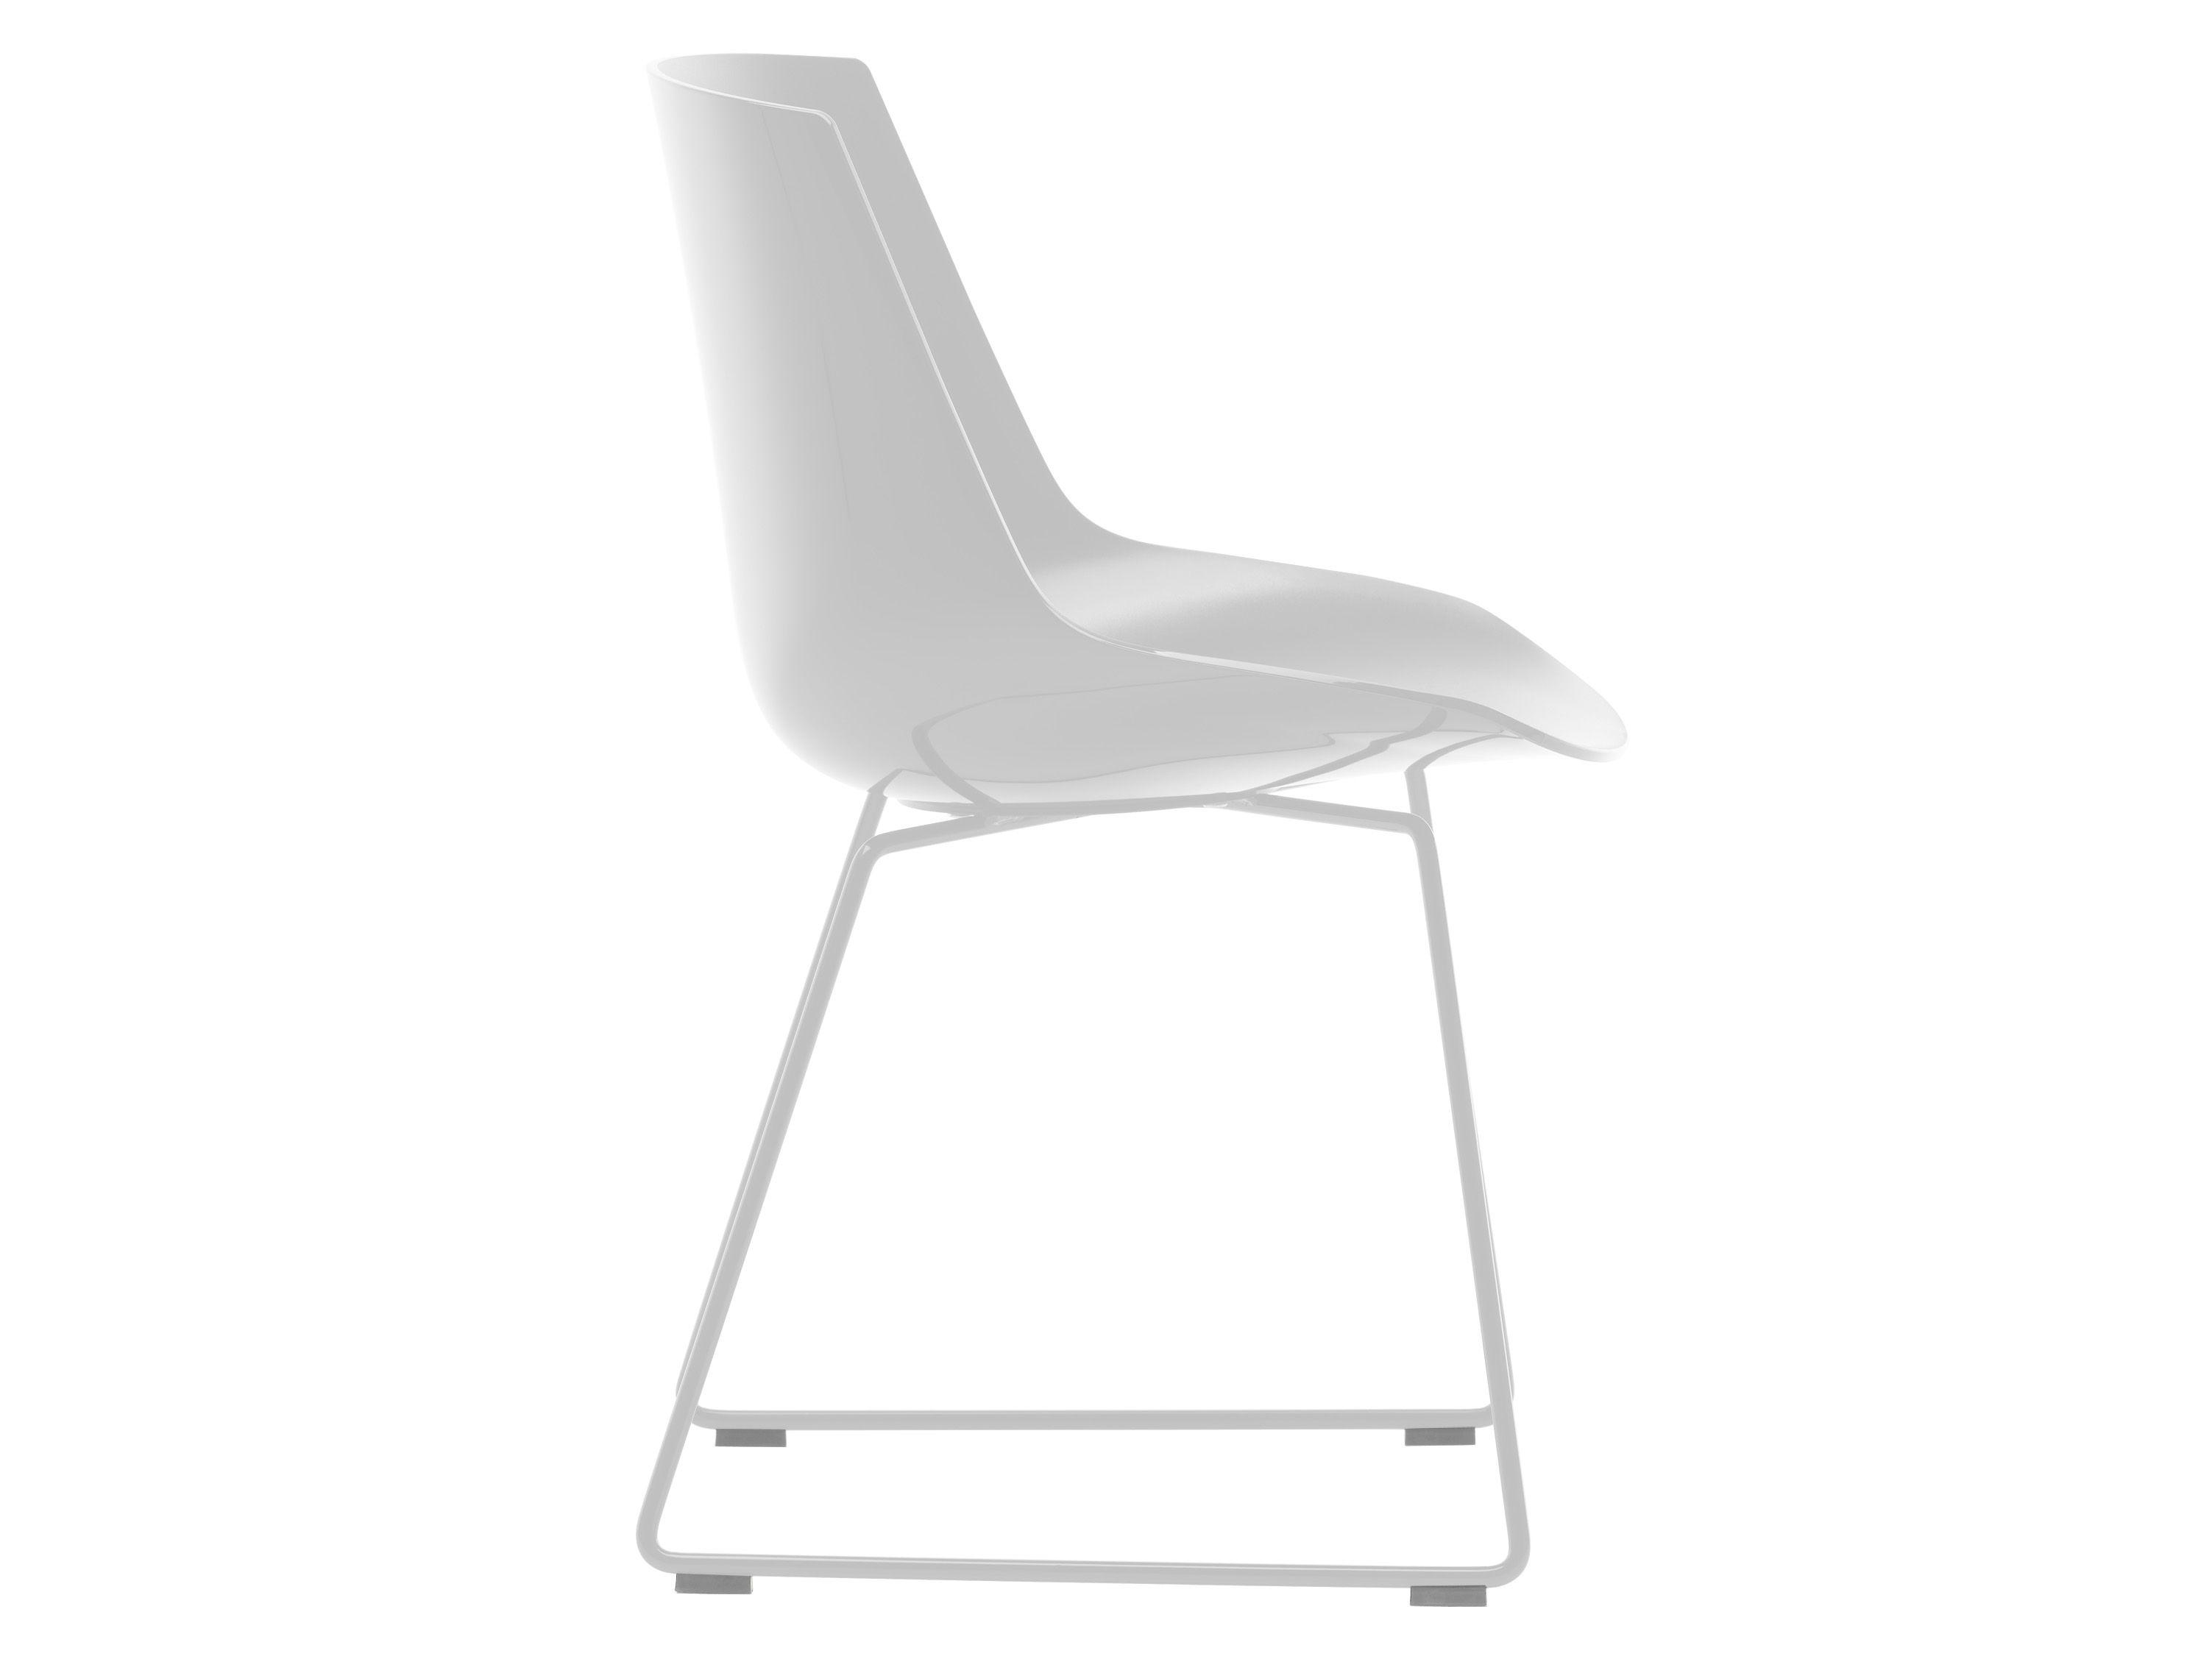 Mobilier - Chaises, fauteuils de salle à manger - Chaise Flow / Pied traineau - MDF Italia - Blanc brillant / Piètement blanc - Acier laqué, Polycarbonate